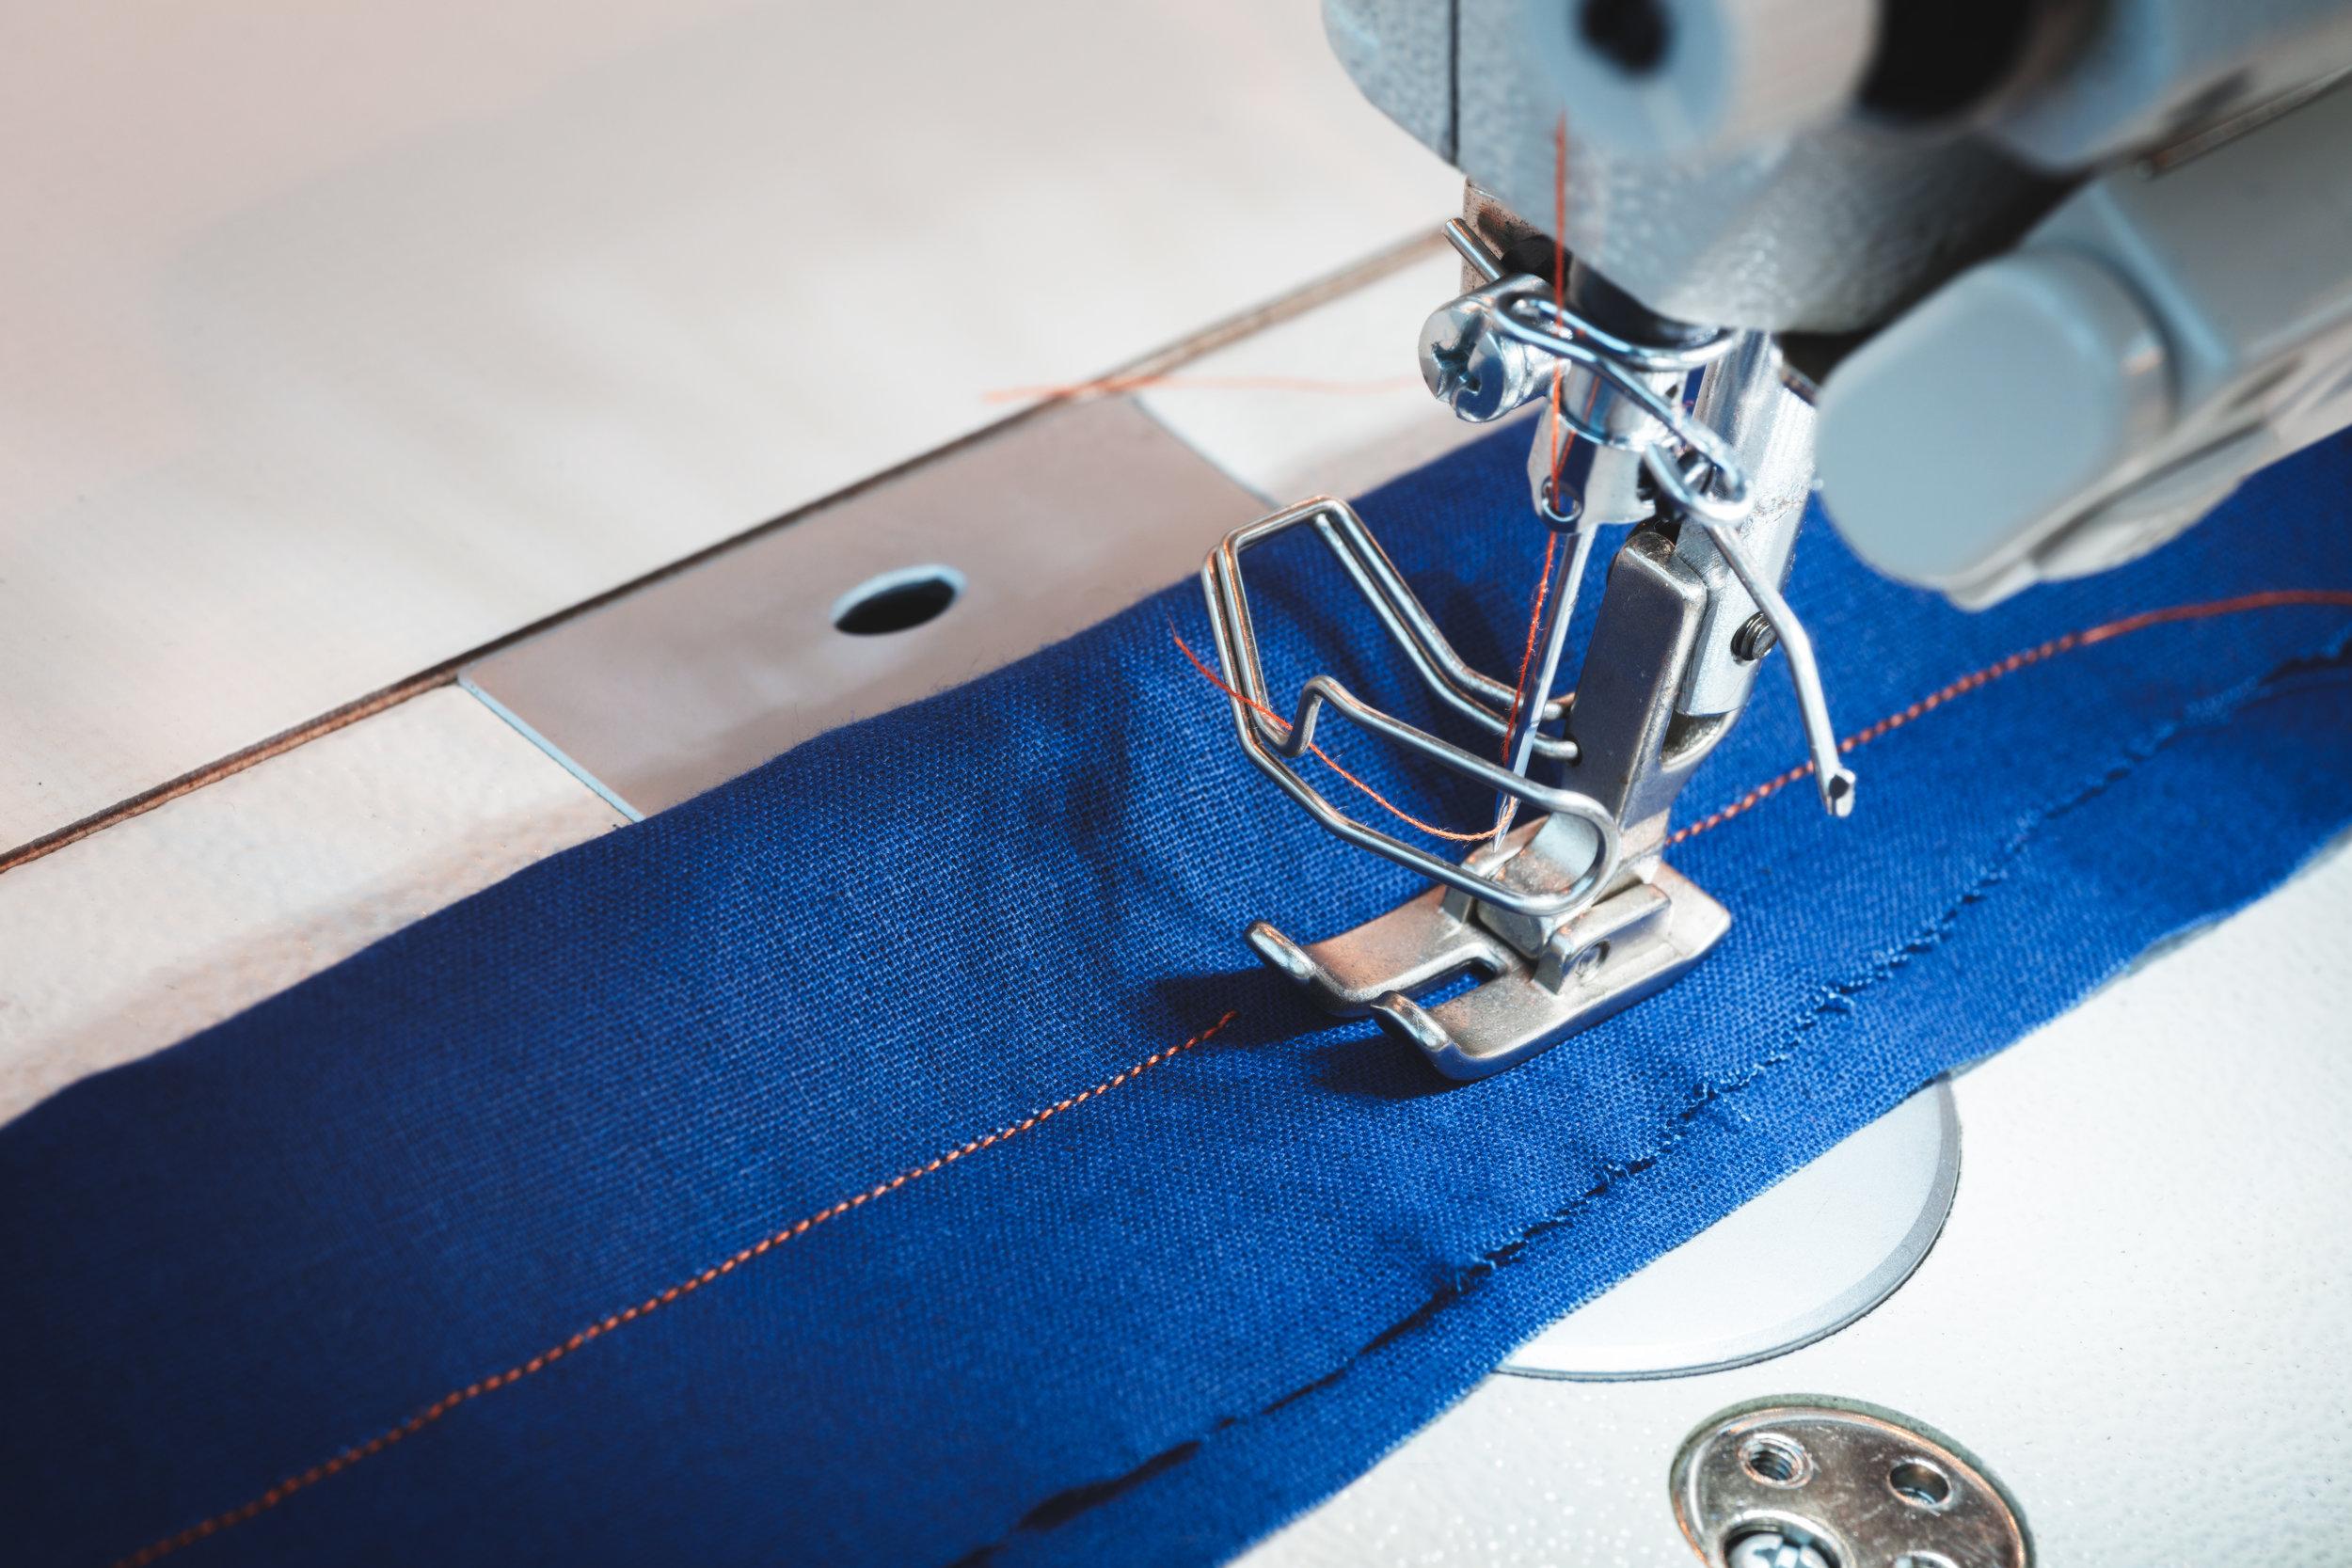 Sewing machine stitching blue fabric